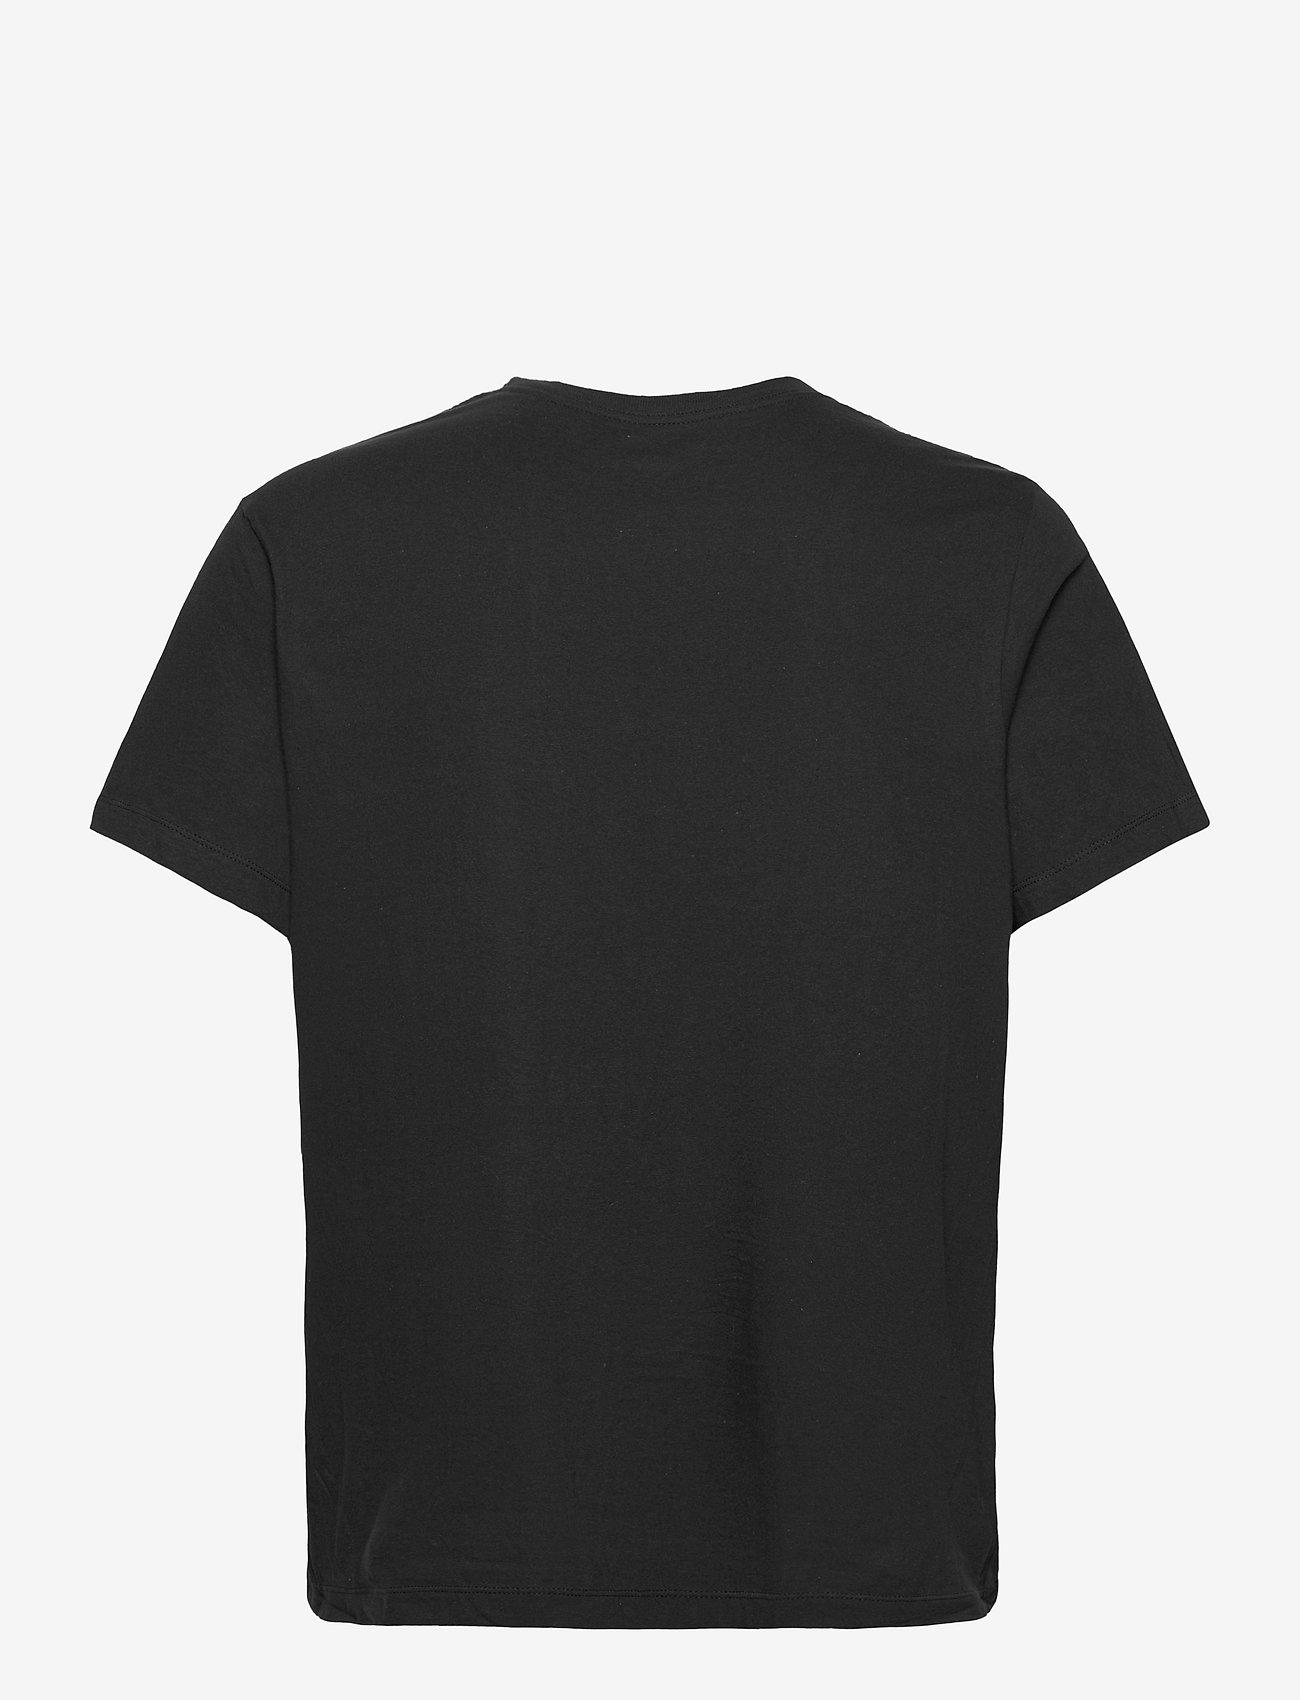 NIKE Fan Gear Chicago White Sox Nike Wordmark T-Shirt - T-skjorter BLACK - Menn Klær